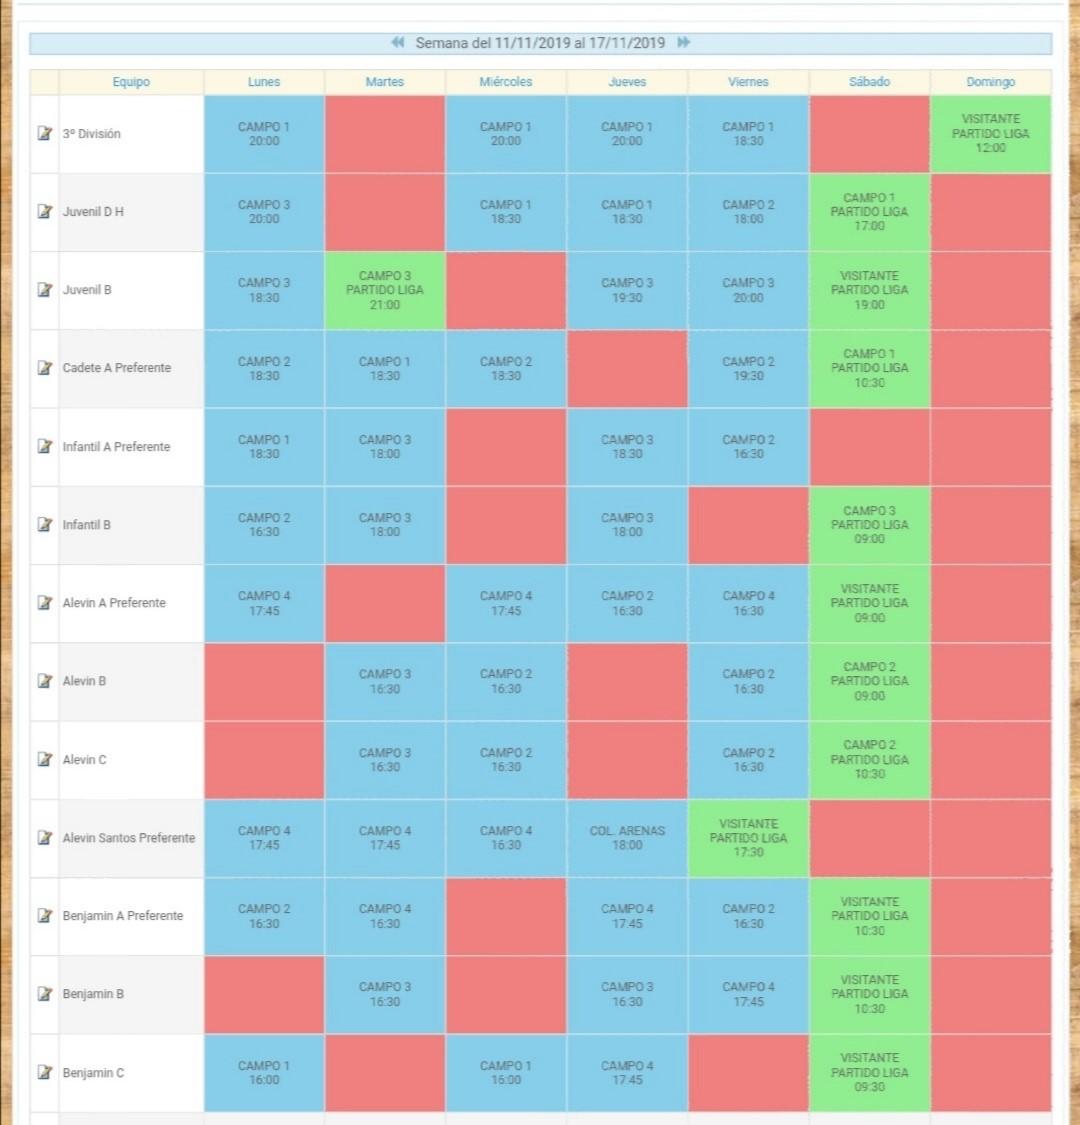 Cuadrante de entrenamiento semana del 11 al 15 de noviembre